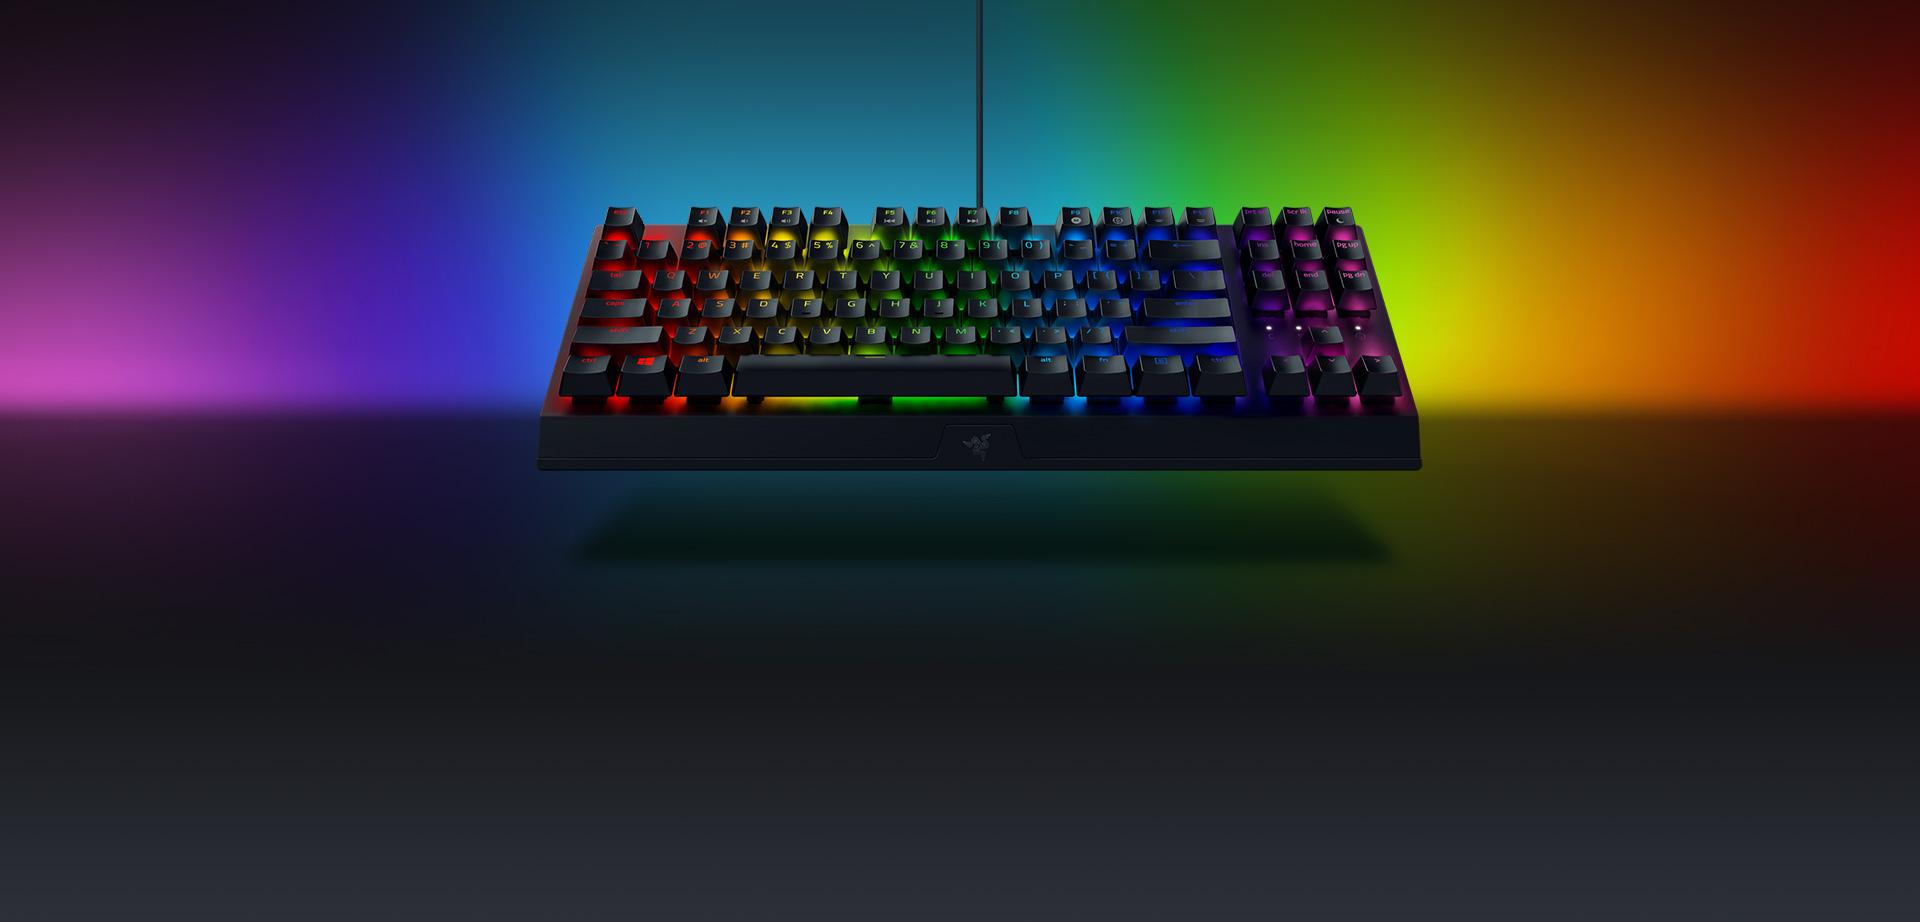 Bàn phím cơ Razer Blackwidows V3 Tenkeyless (USB/RGB/Green switch/Đen) (RZ03-03490100-R3M1) tích hợp công nghệ led RGB Chroma 16.8 triệu màu có thể tuỳ chỉnh dễ dàng